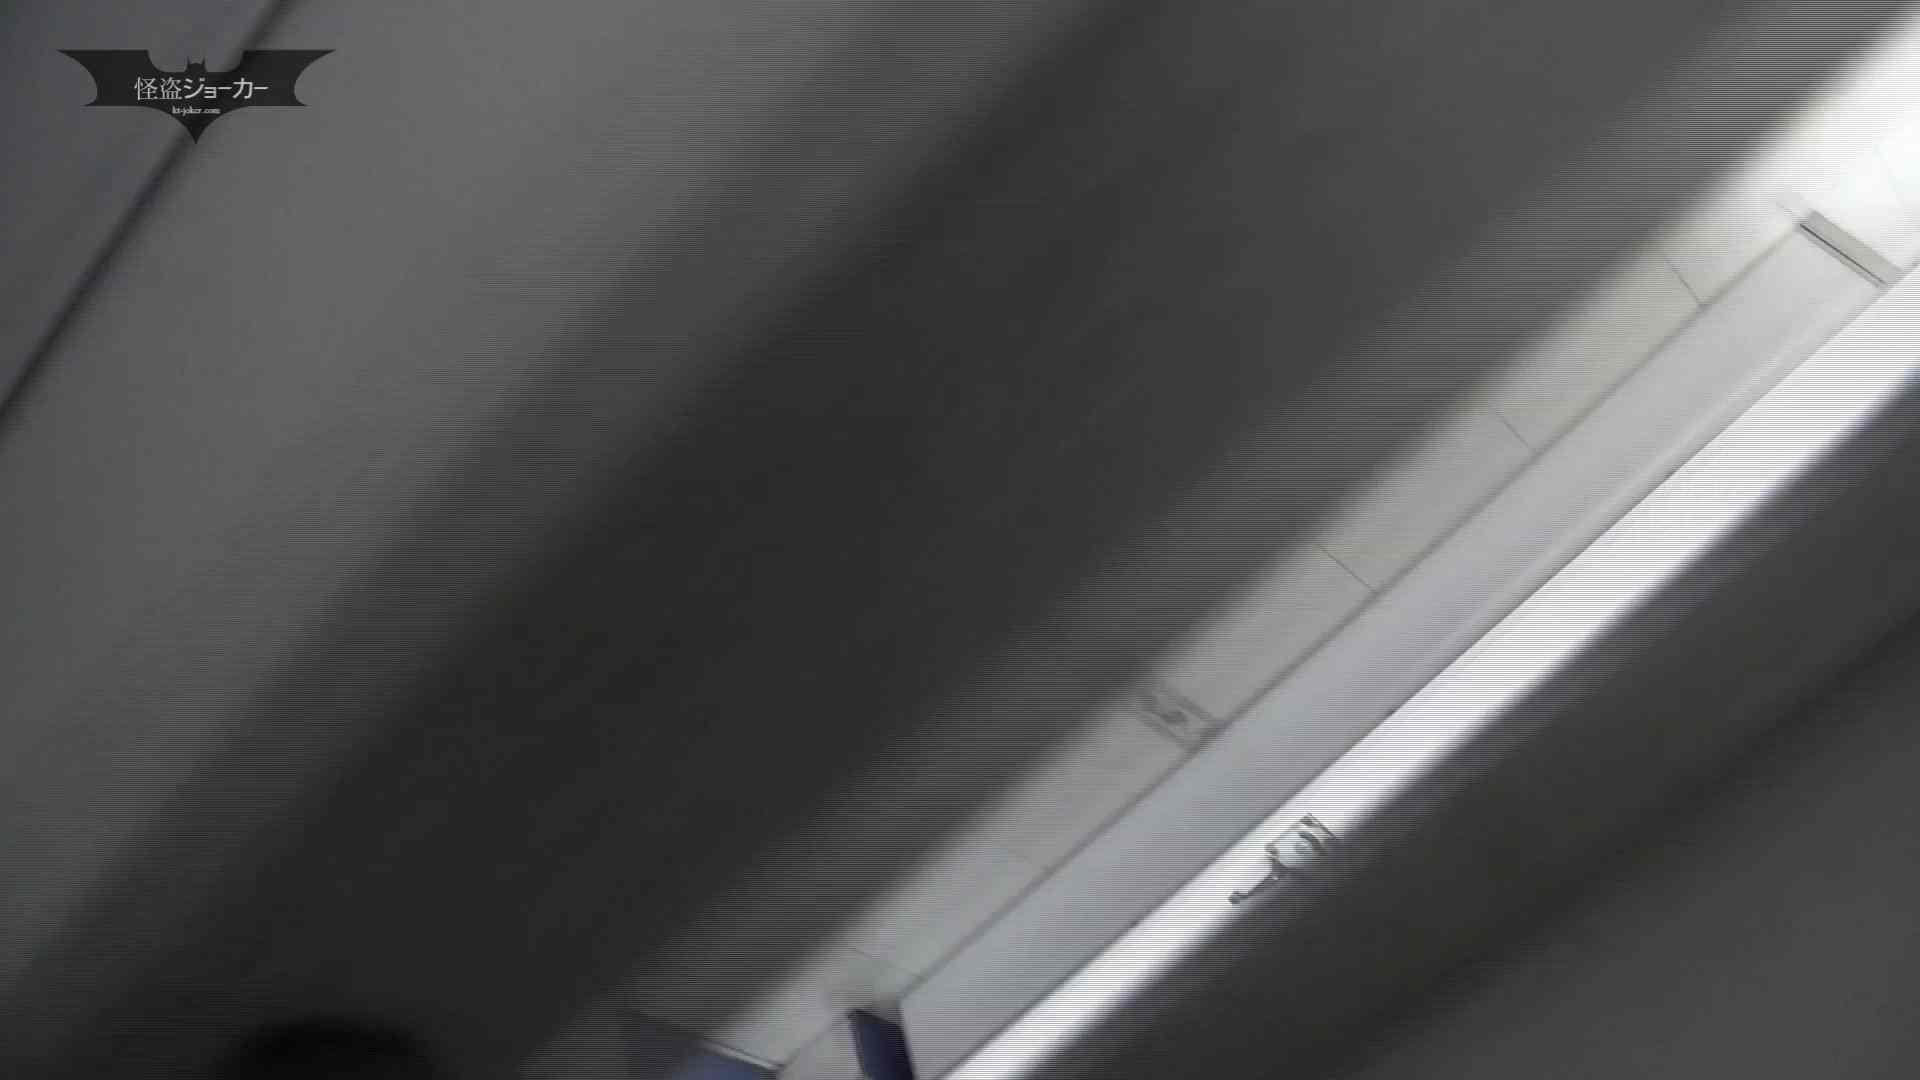 下からノゾム vol.032 走って追跡、そして、カメラ見られ大ピンチ OLの実態  98pic 22